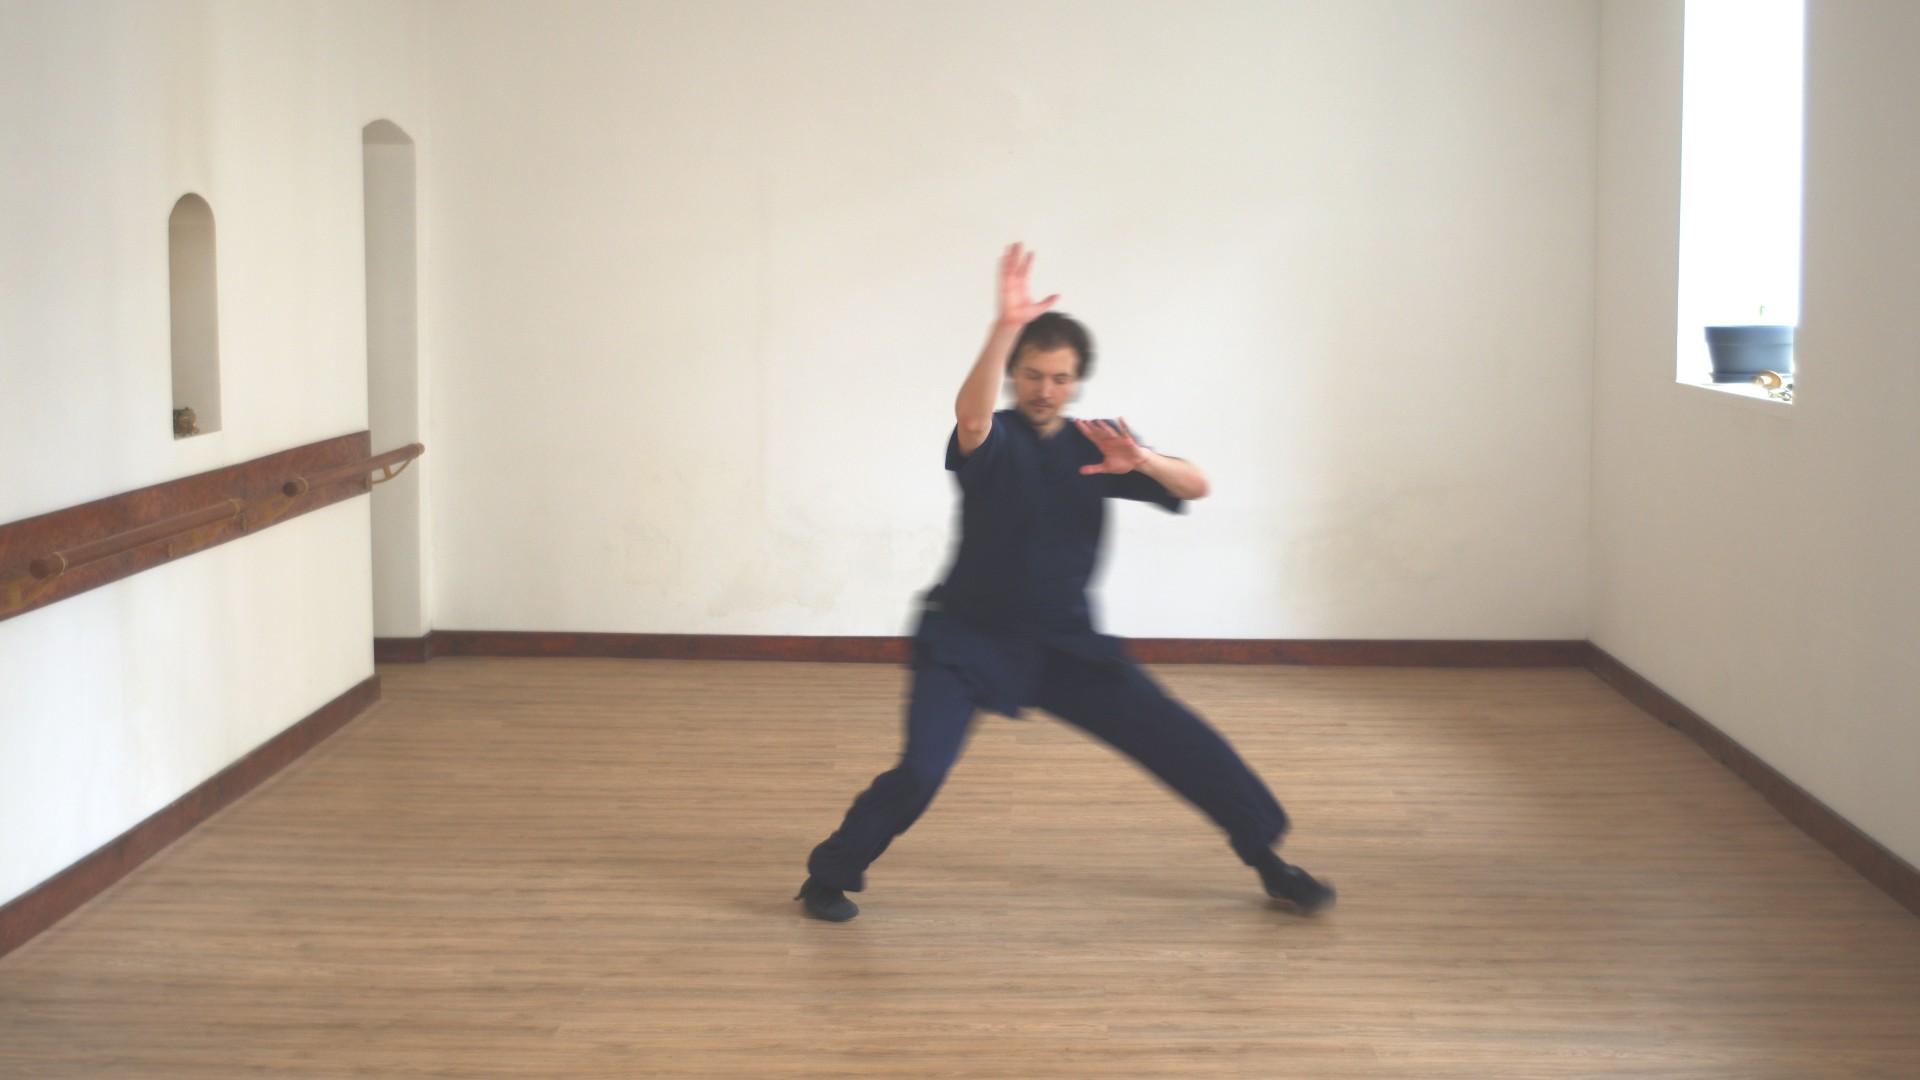 Jibenquan Master Ziji